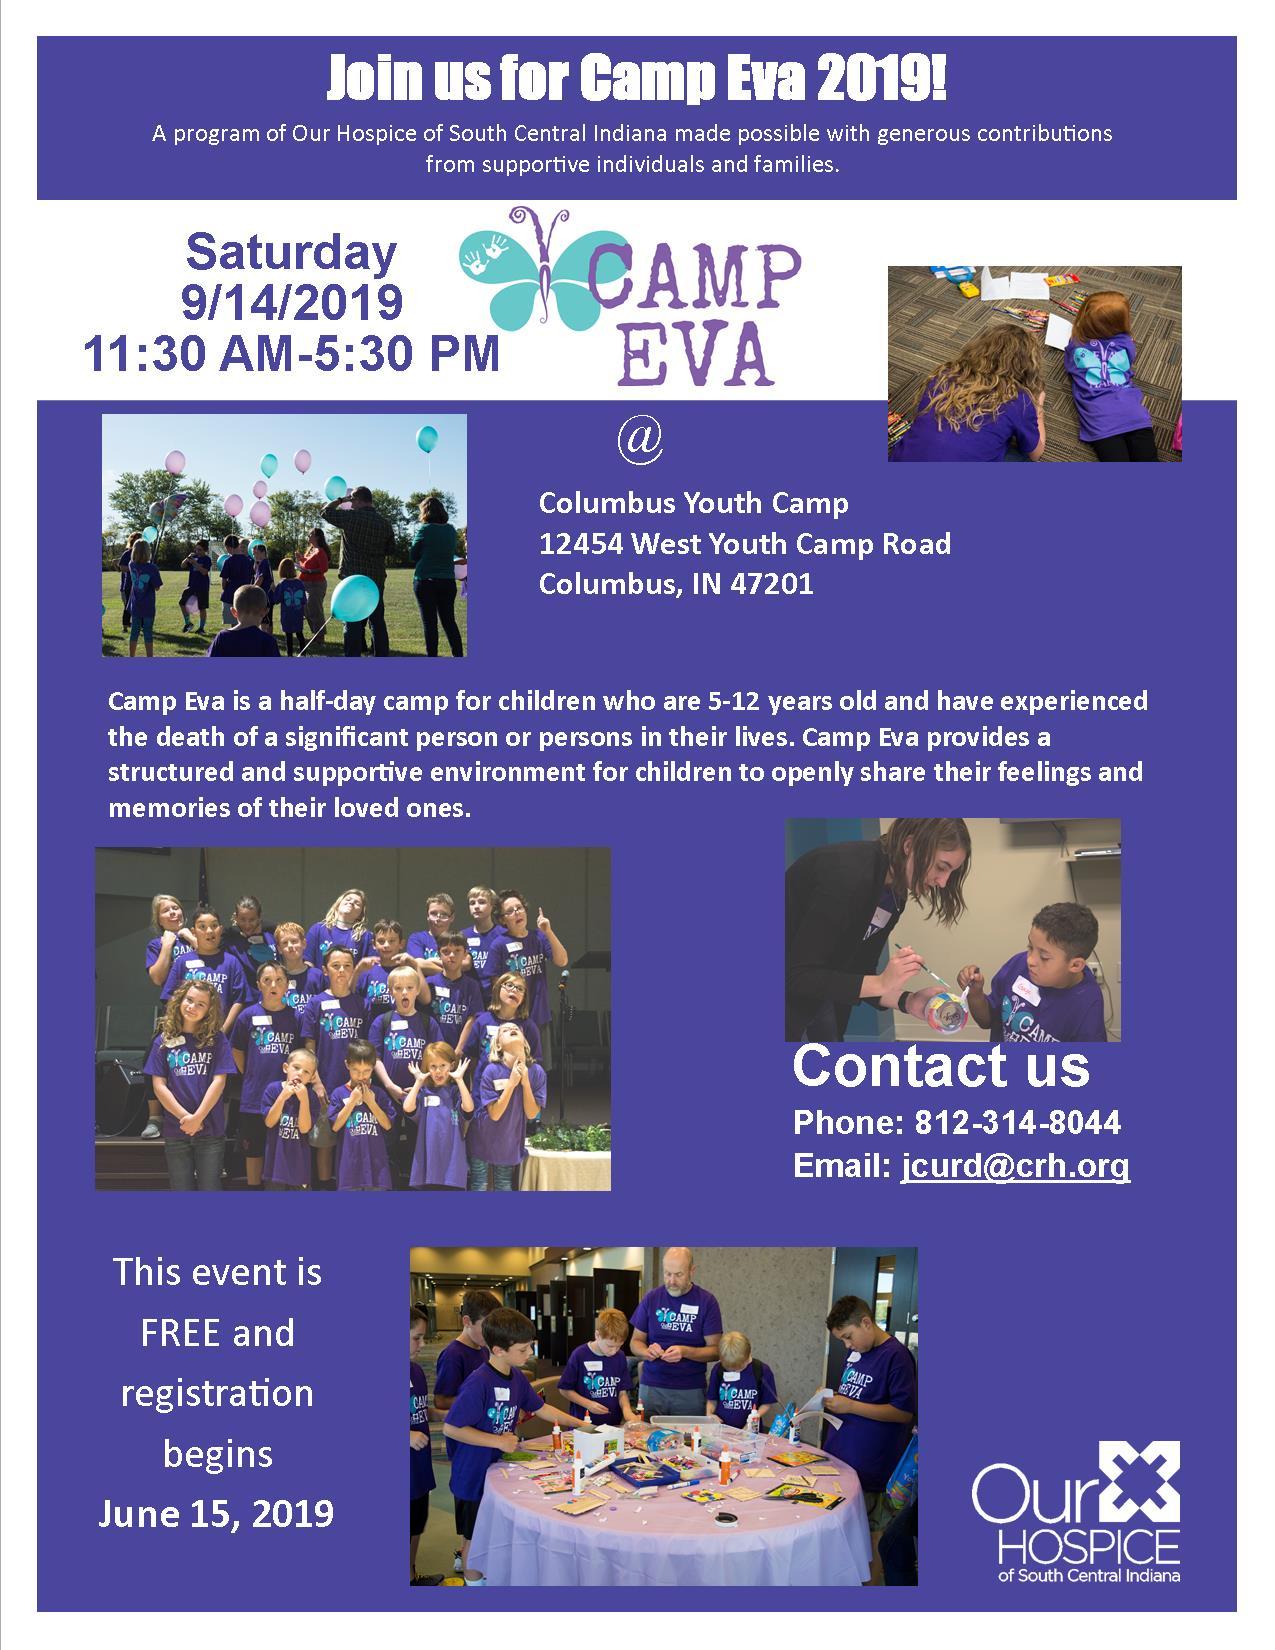 Flyer for 2019 Camp Eva